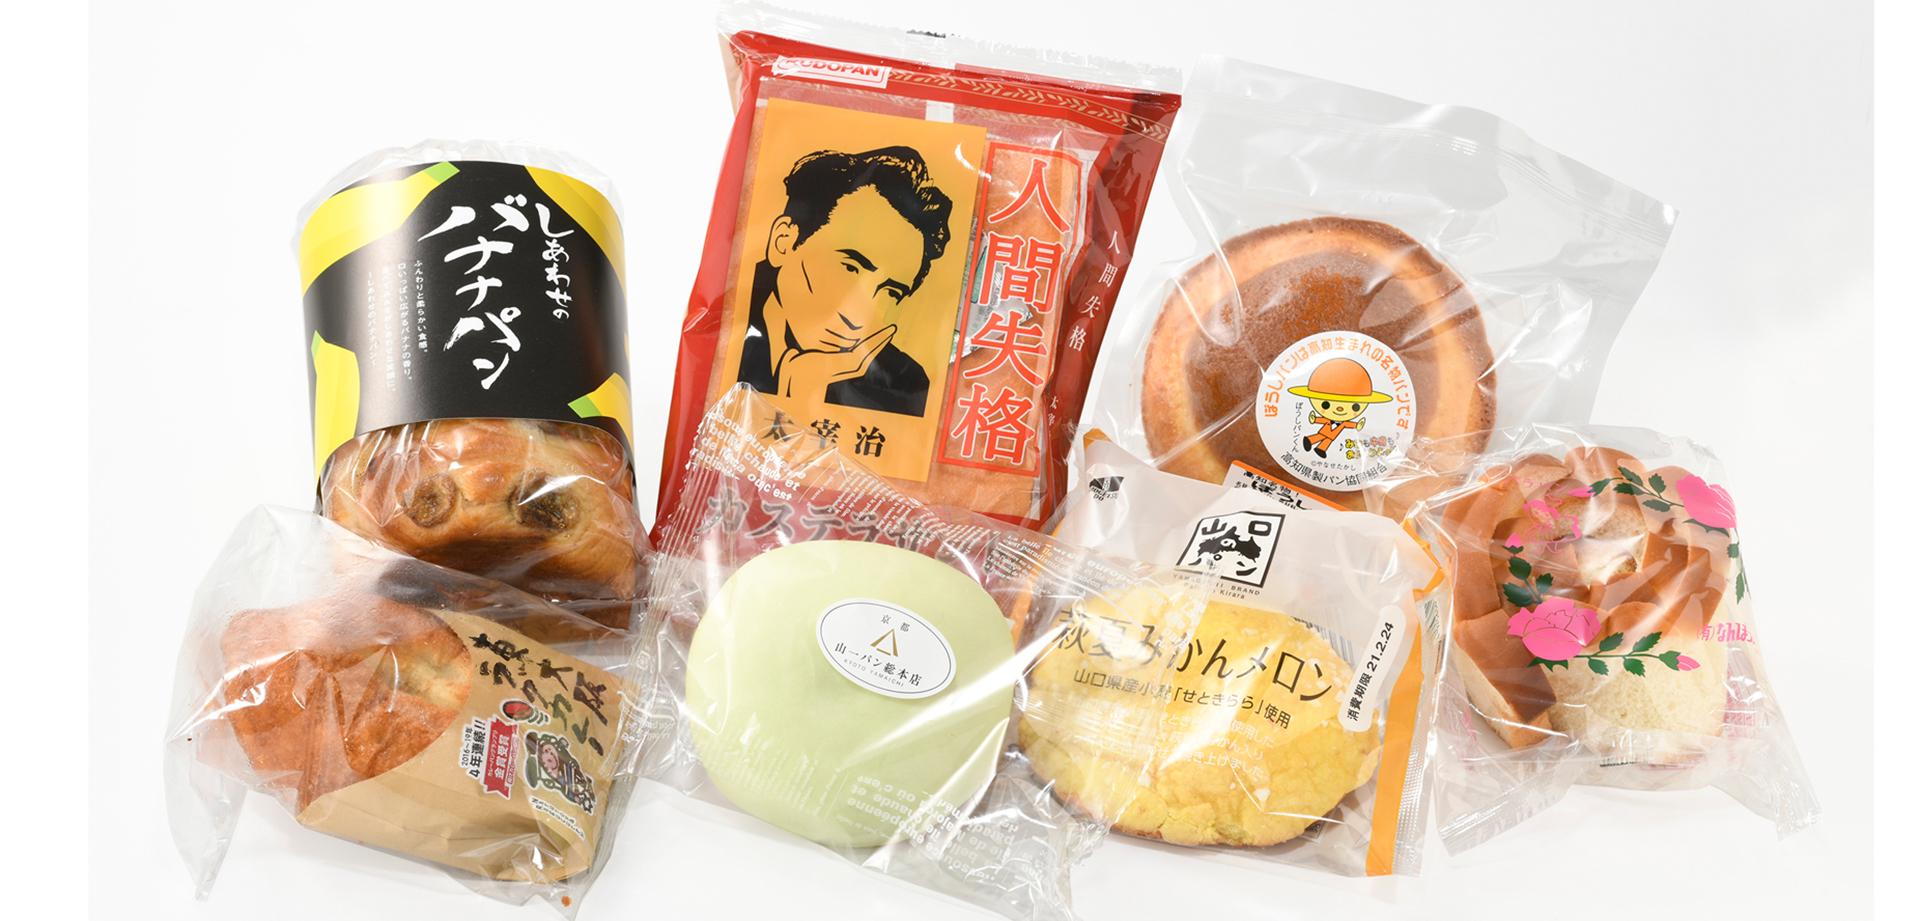 京王新宿店「春のパンフェスティバル」